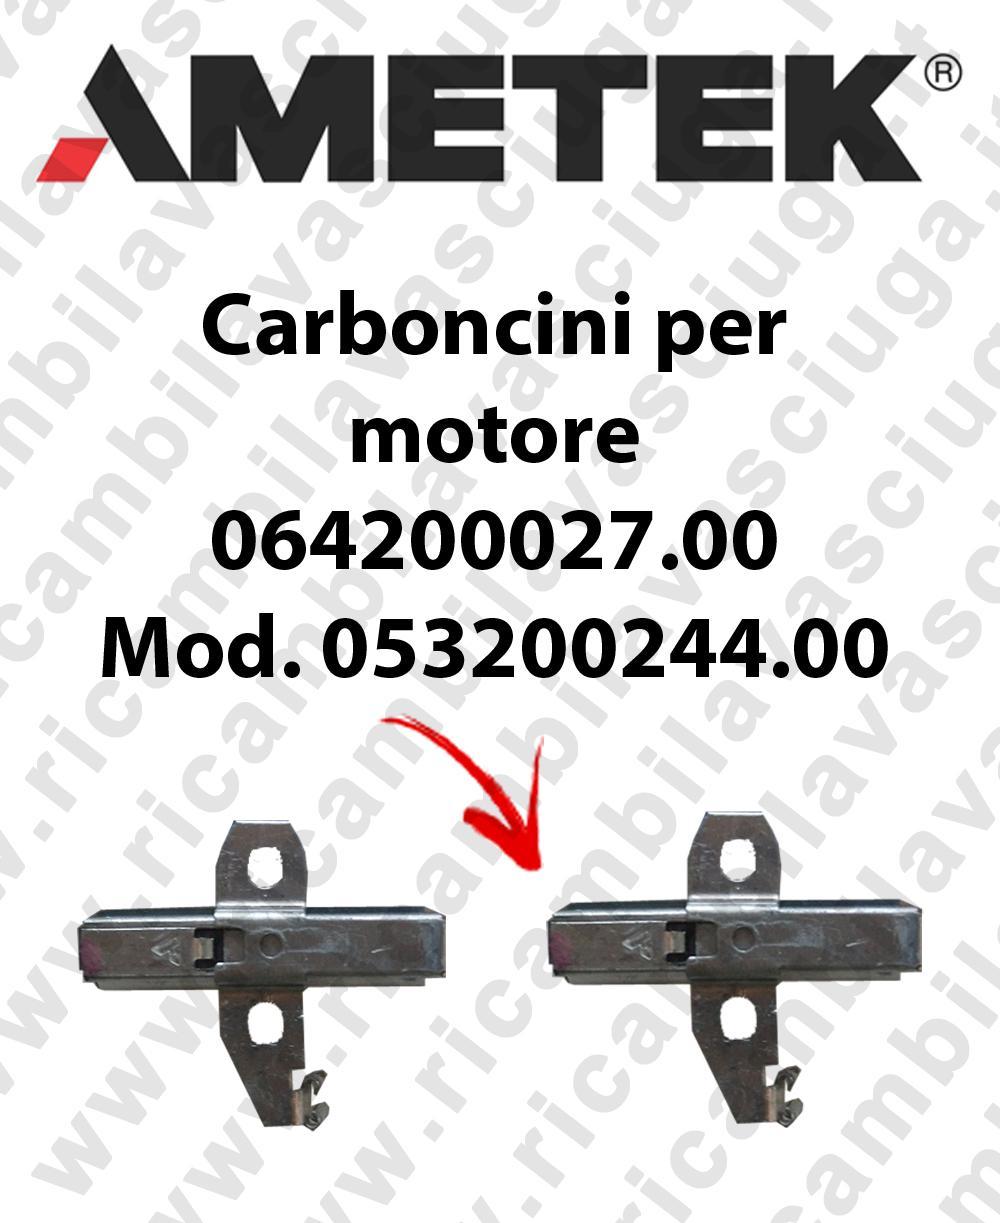 COPPIA carboncini motore per Ametek 064200027 2 pezzi